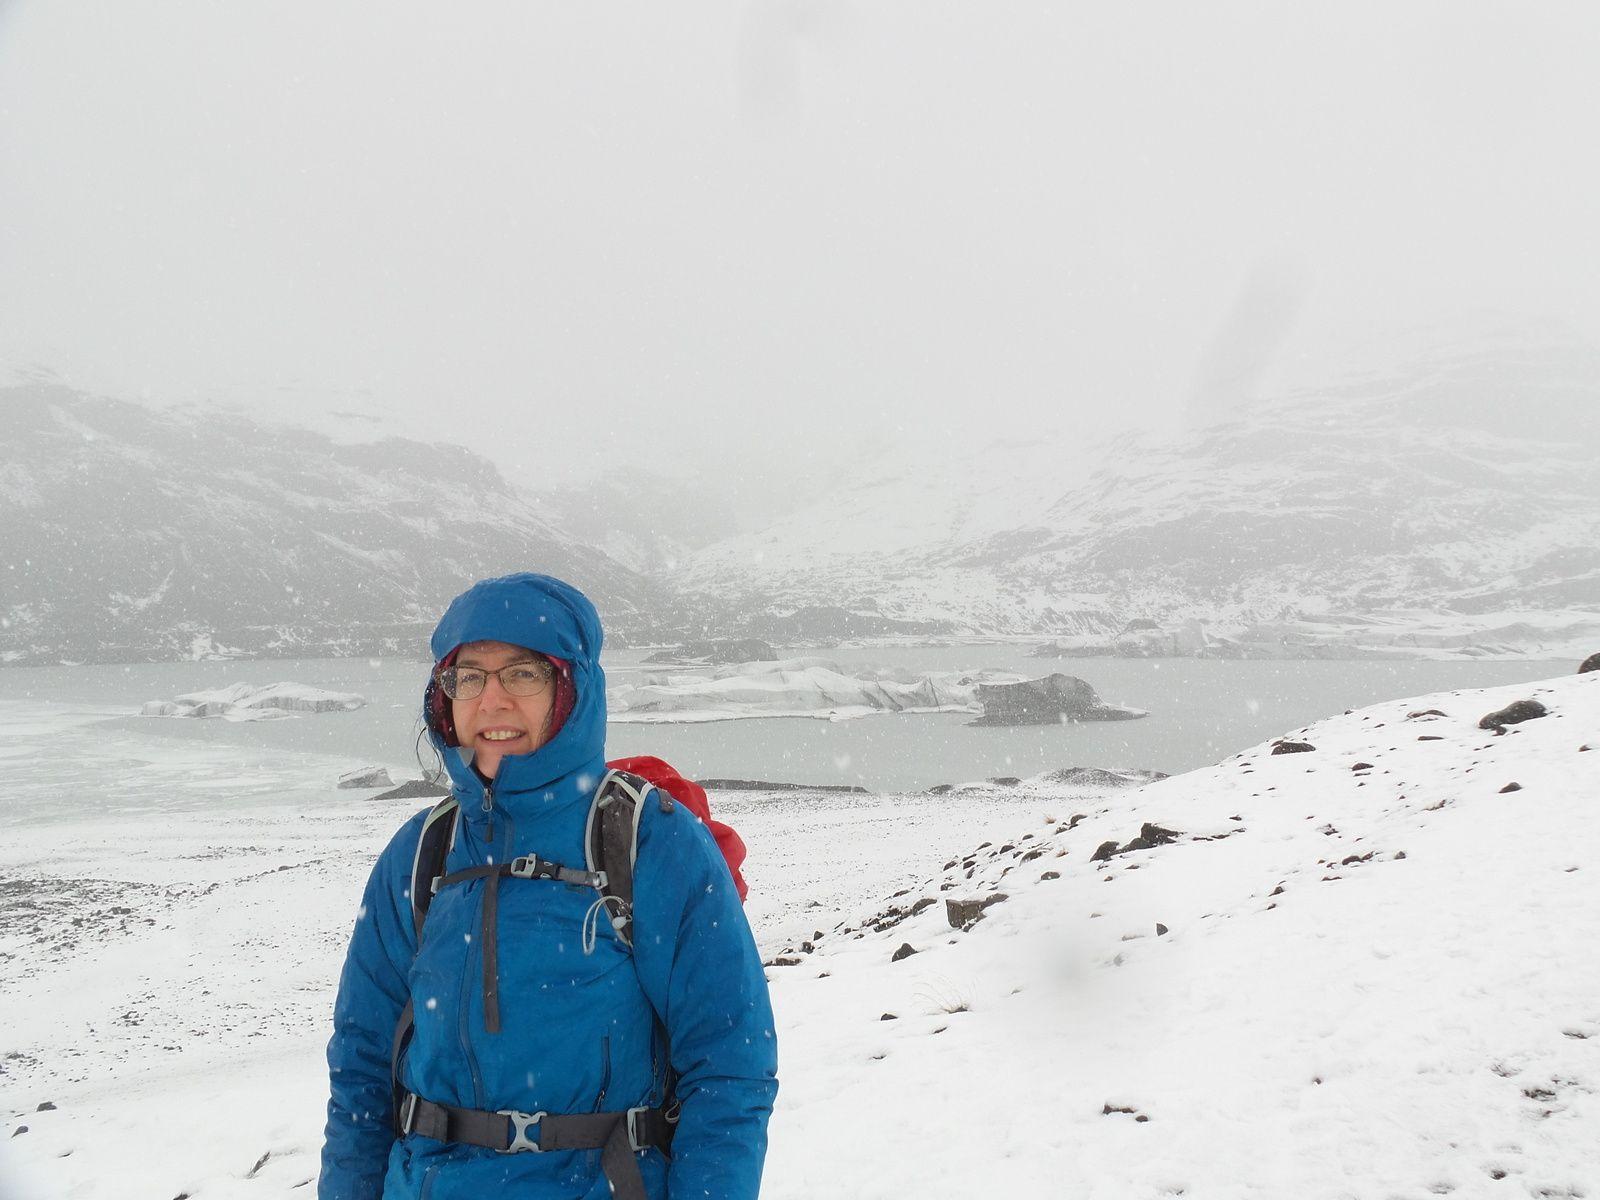 Même la neige qui tombe abondamment n'enlève rien au spectacle des glaciers